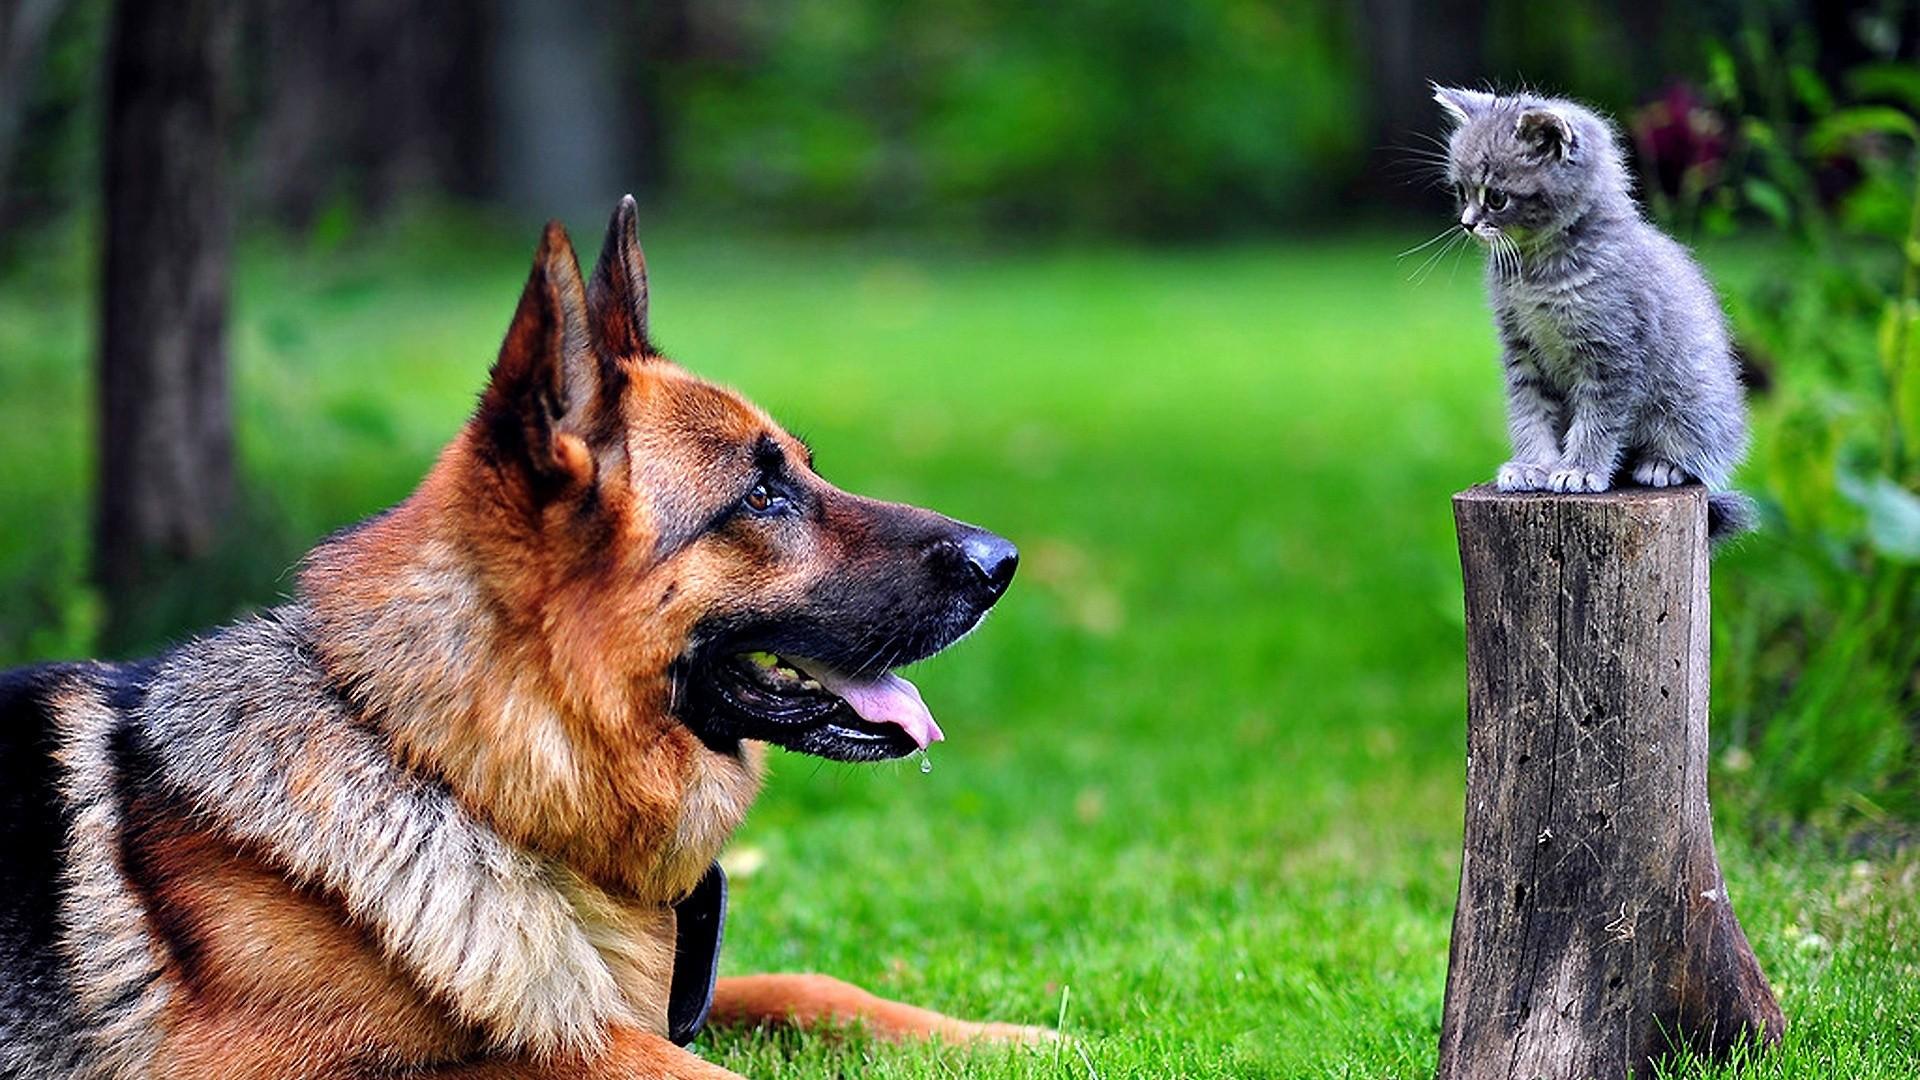 Wallpaper dog, cat, grass, german shepherd